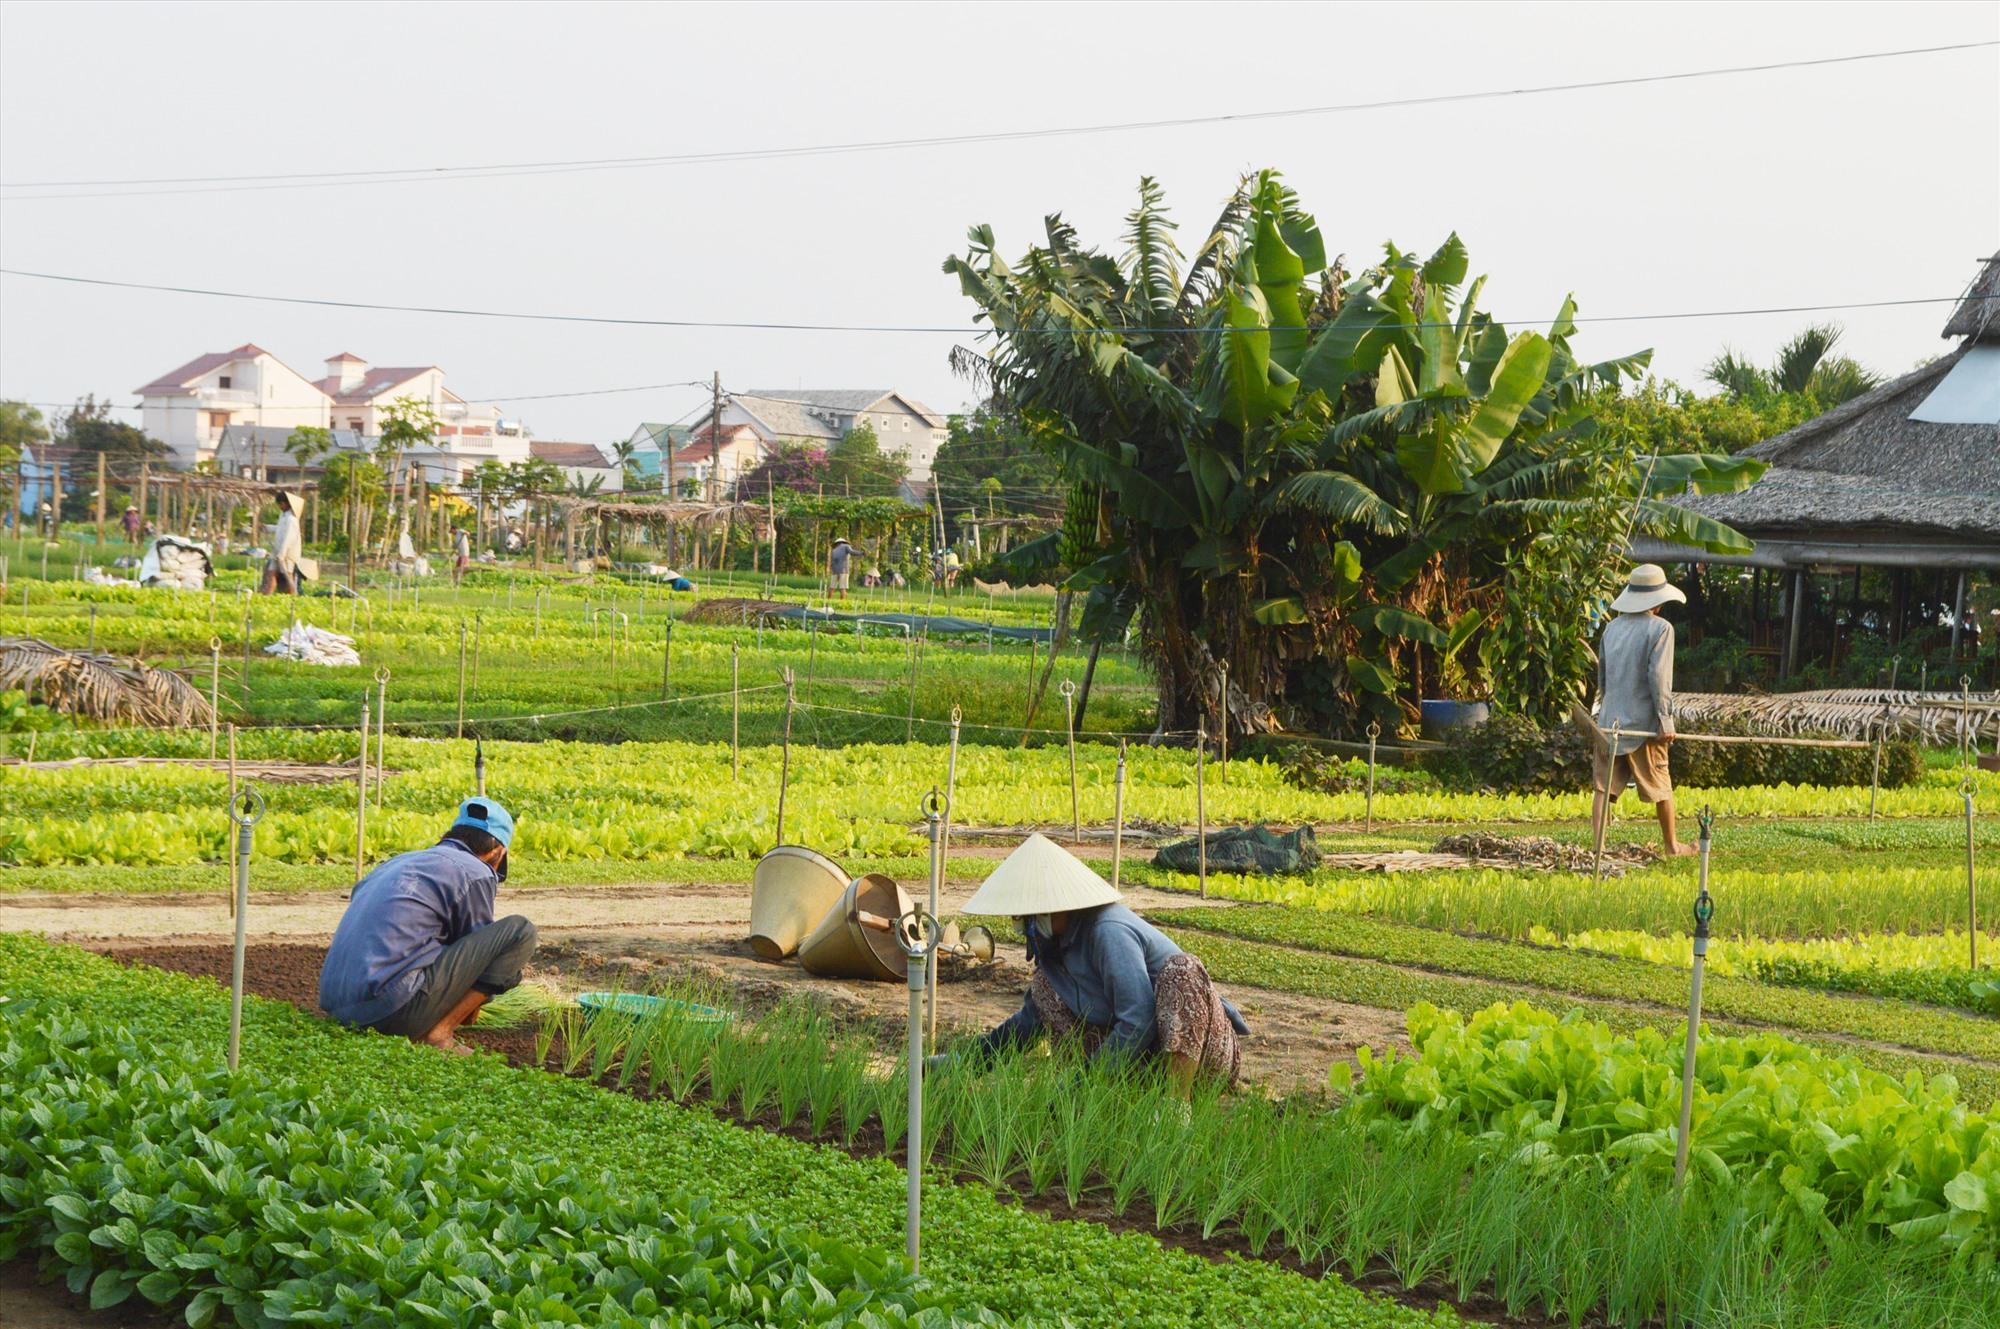 Xây dựng các sản phẩm khác biệt sẽ giúp sự canh tranh của du lịch Quảng Nam sau dịch tốt hơn.